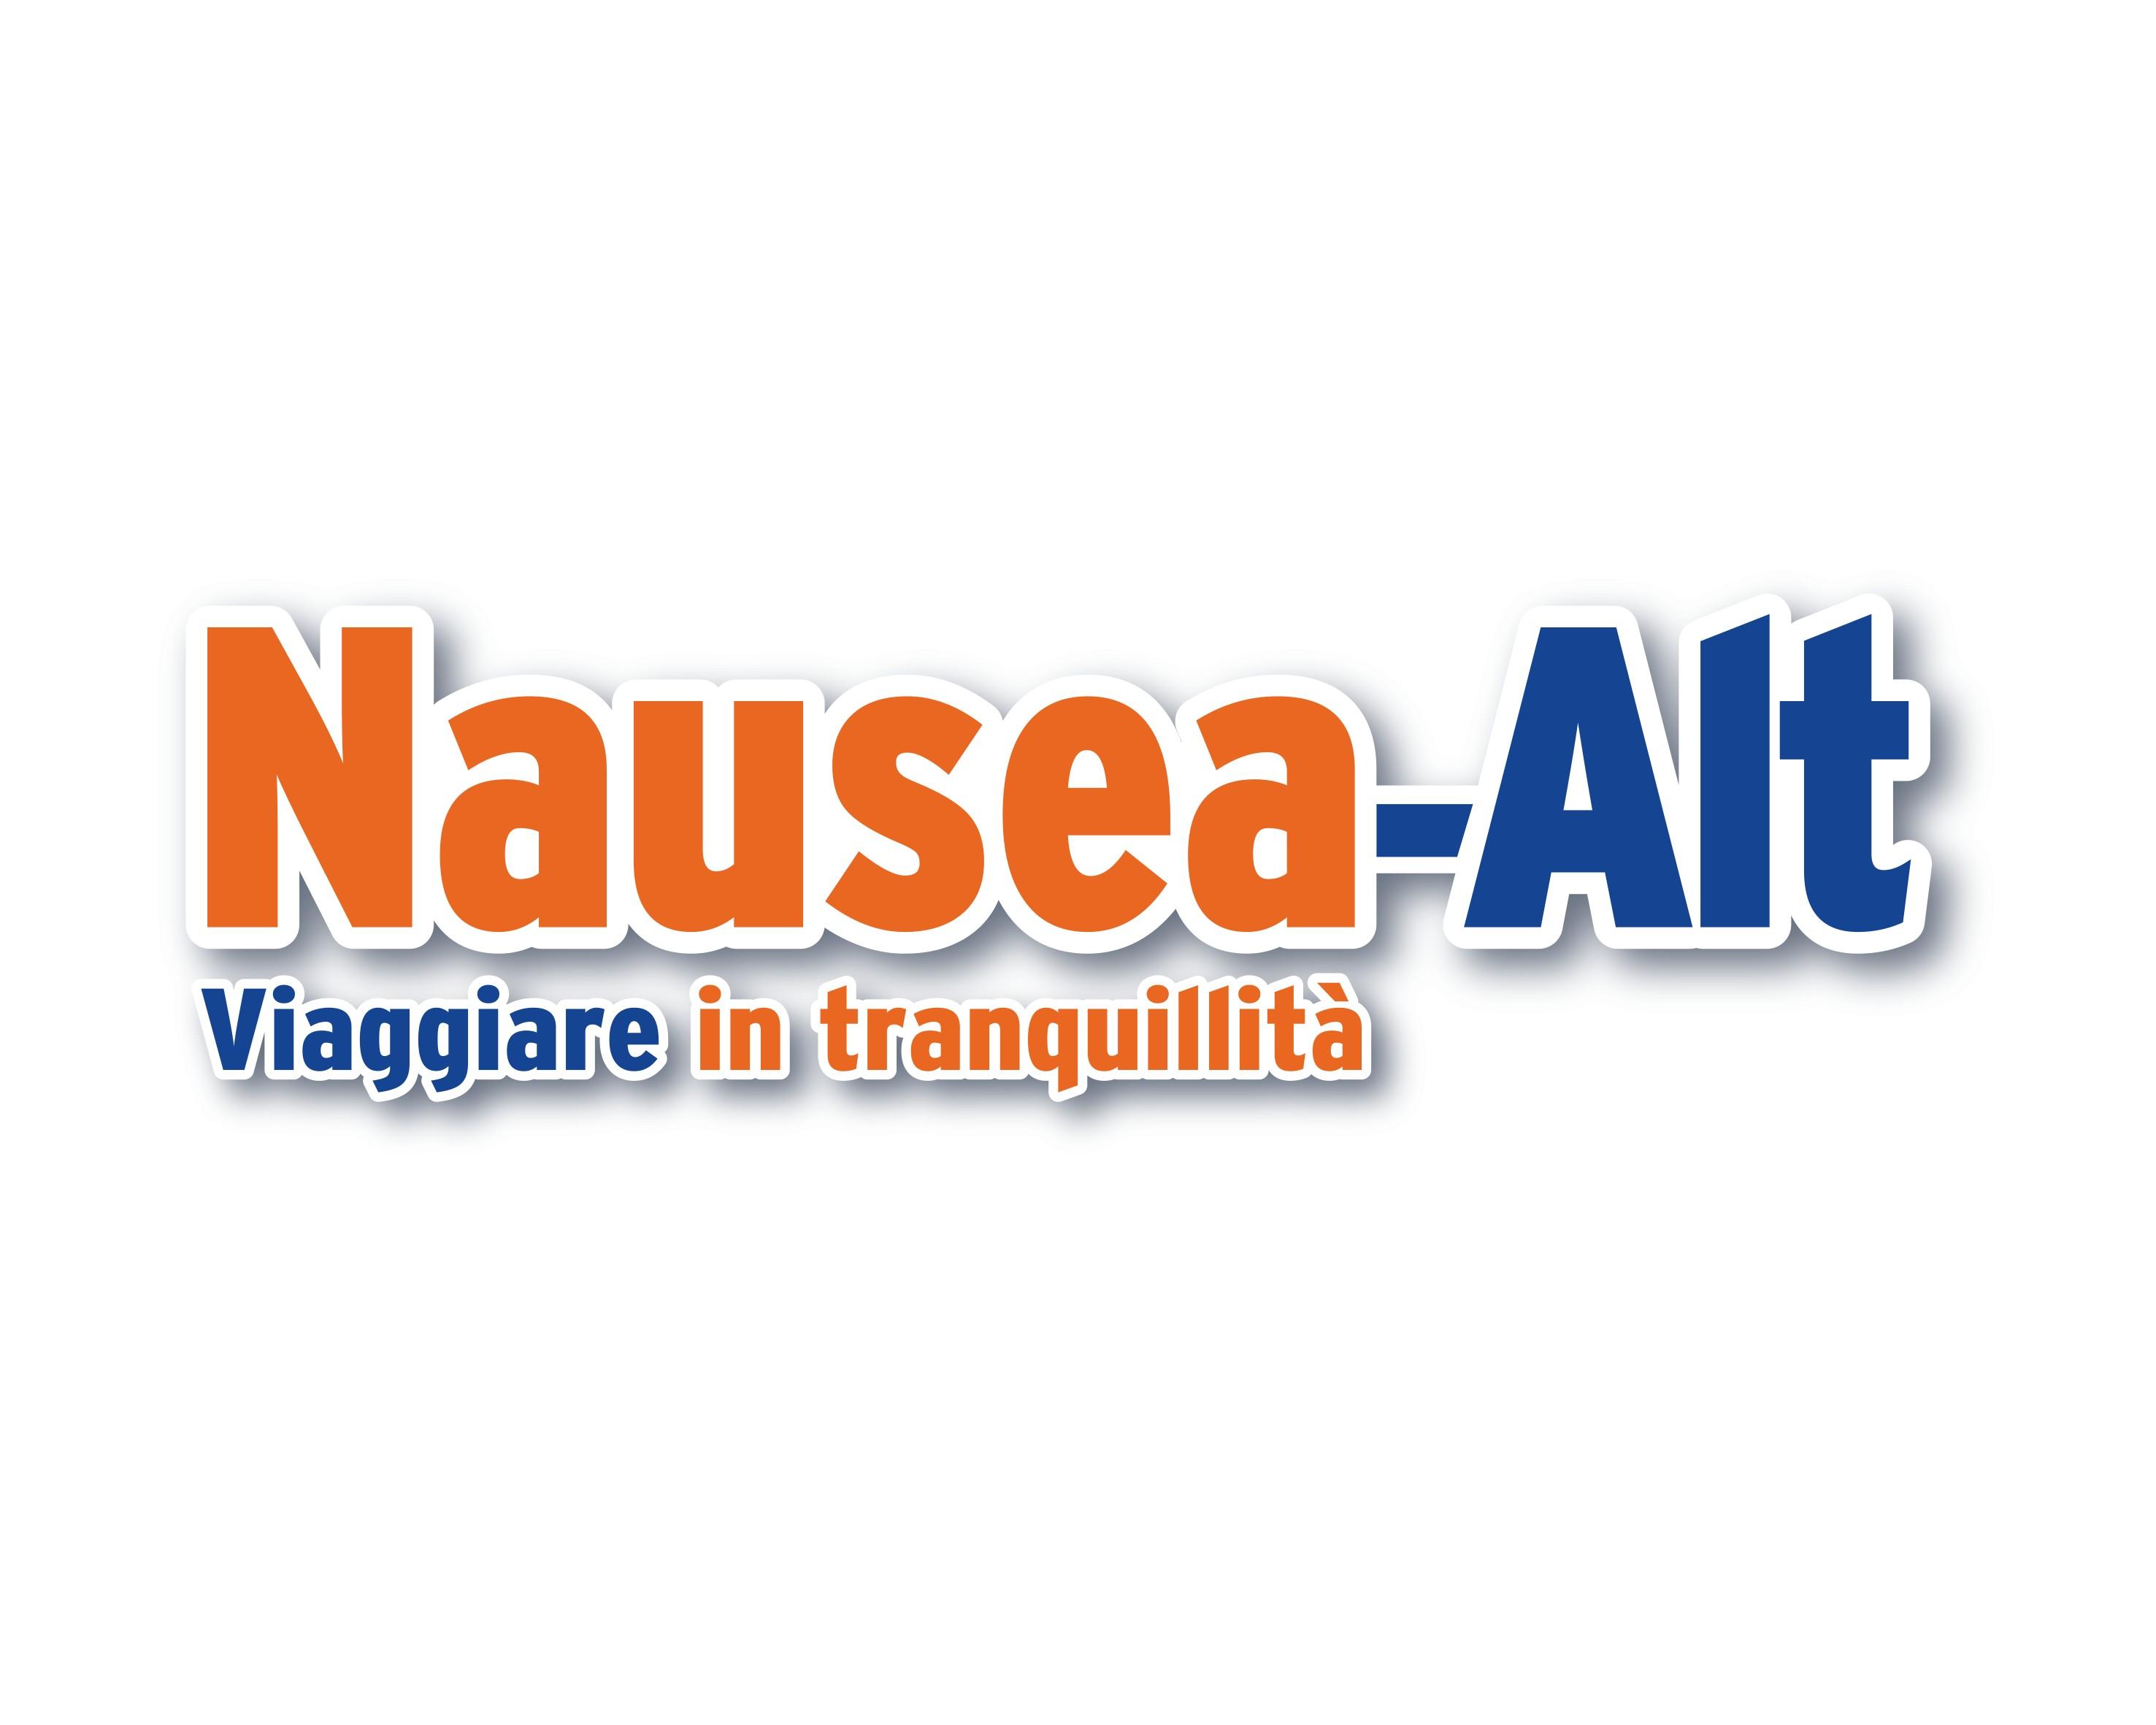 NAUSEA-ALT